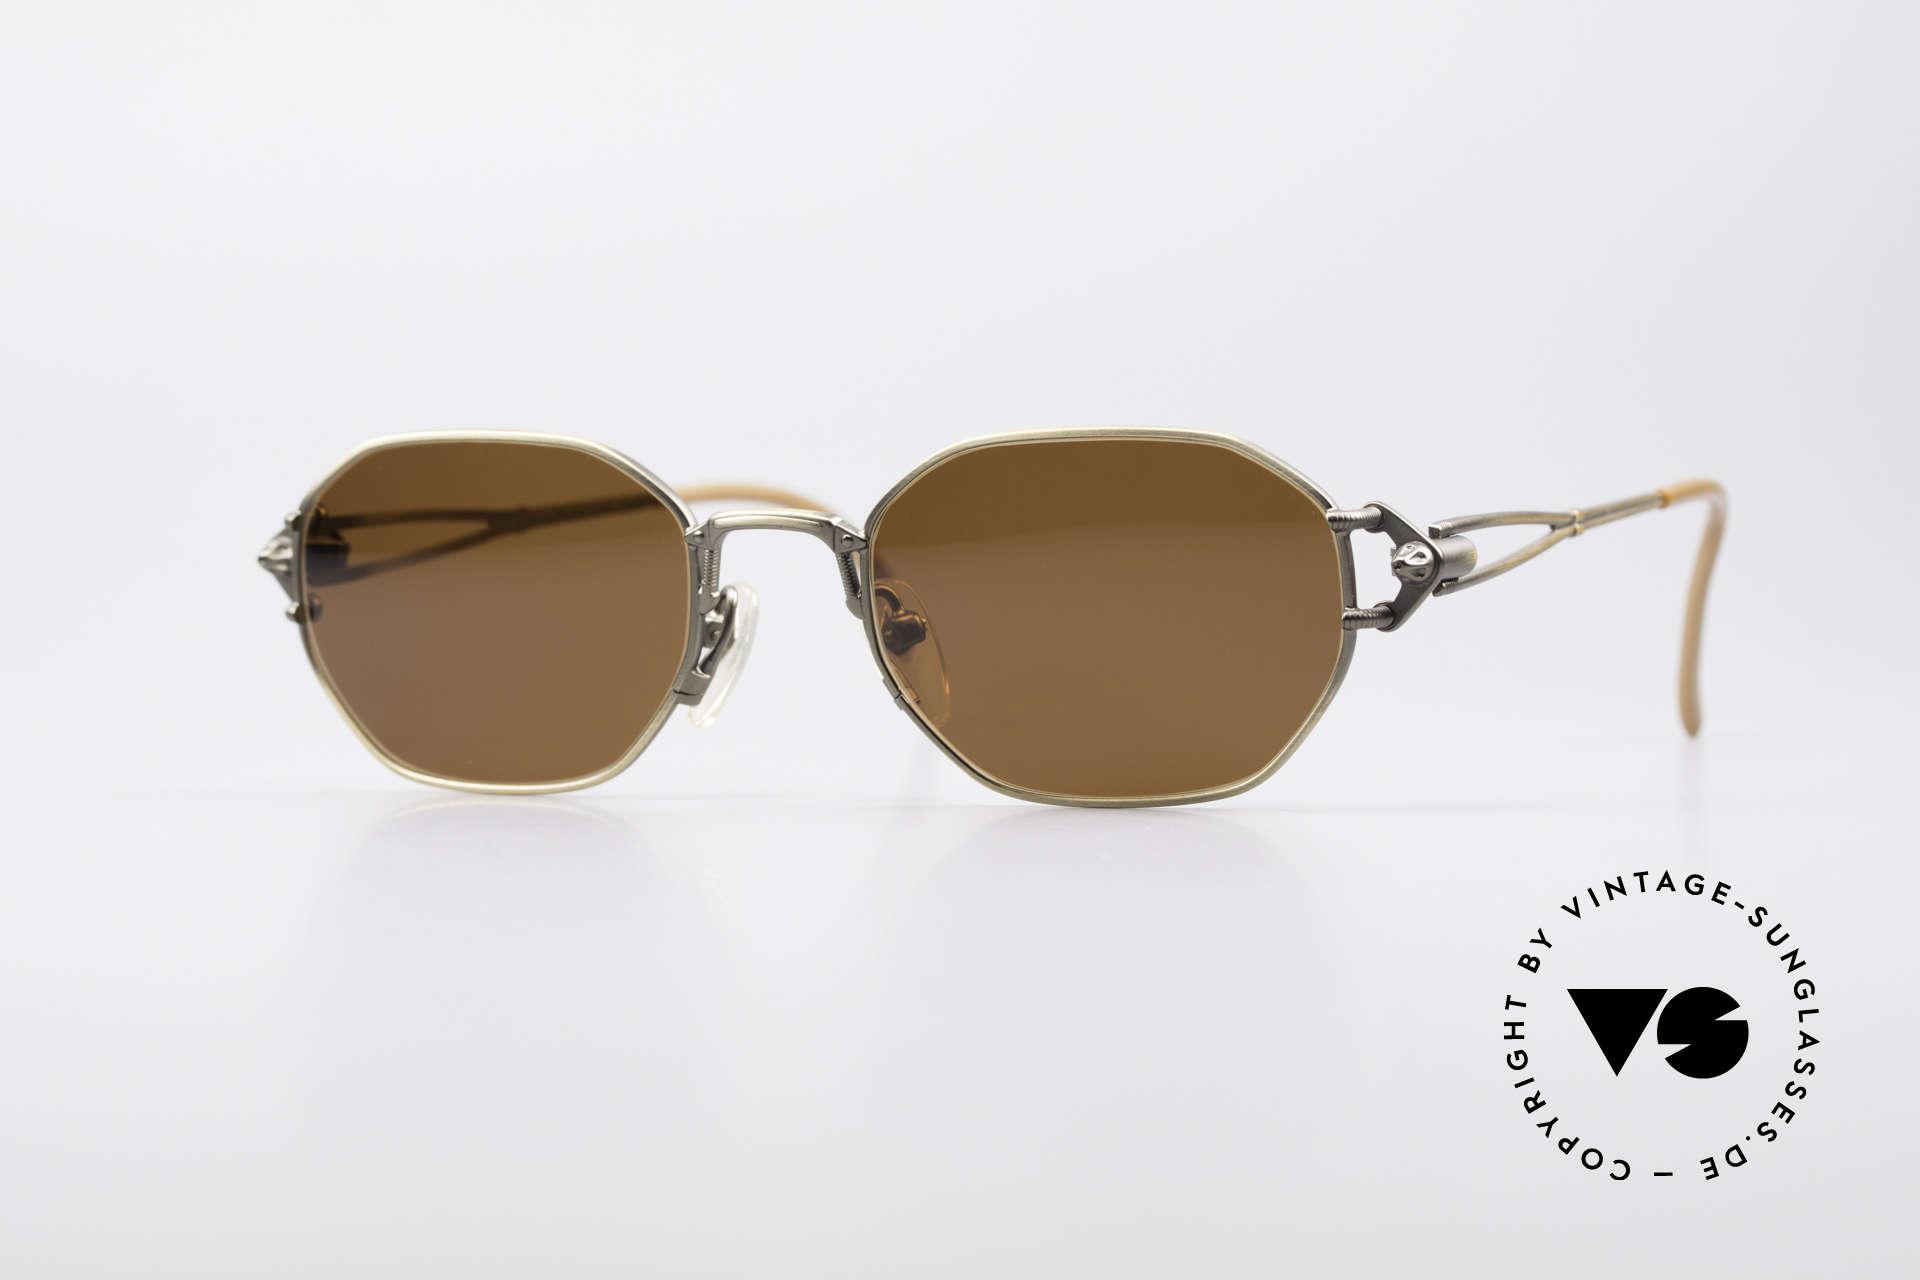 Jean Paul Gaultier 55-6106 90's Designer Sunglasses, precious Jean Paul Gaultier sunglasses from app. 1994, Made for Men and Women